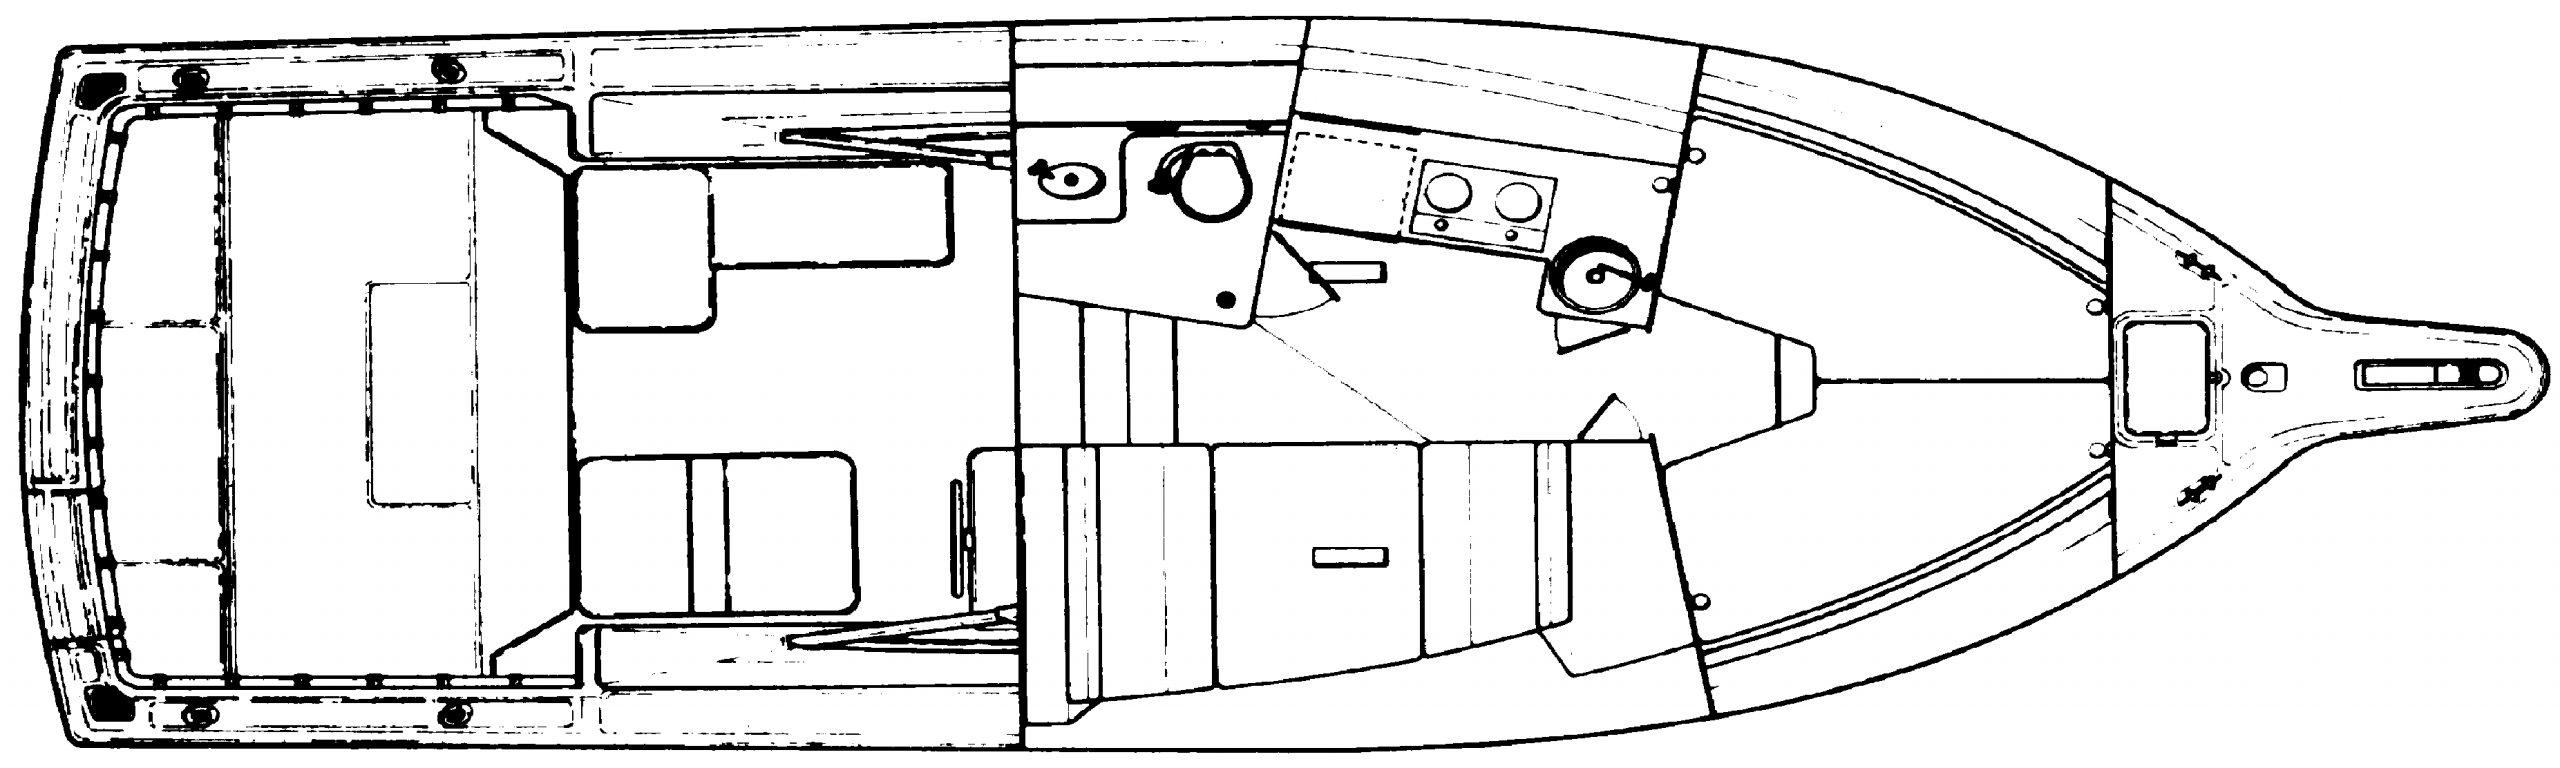 3250 Express Floor Plan 1